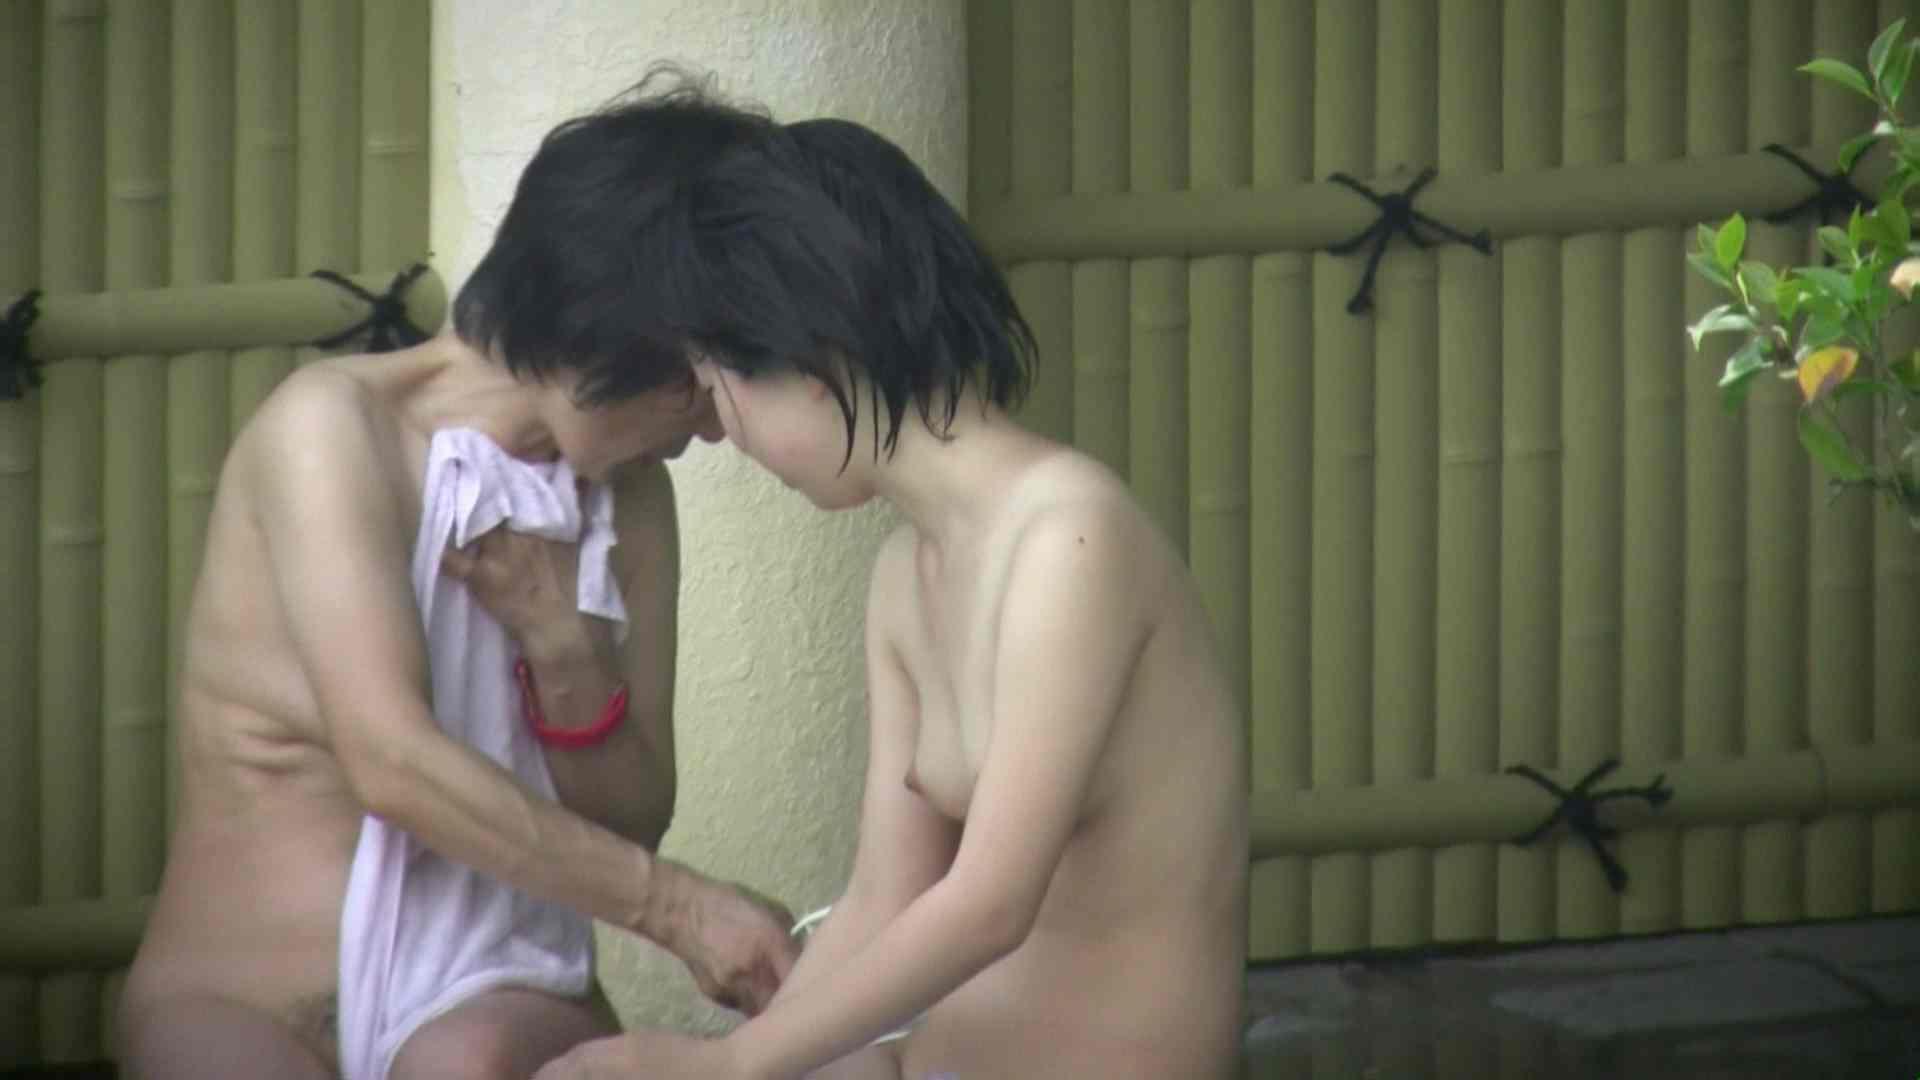 Aquaな露天風呂Vol.06【VIP】 OLのエロ生活 おめこ無修正動画無料 57連発 56